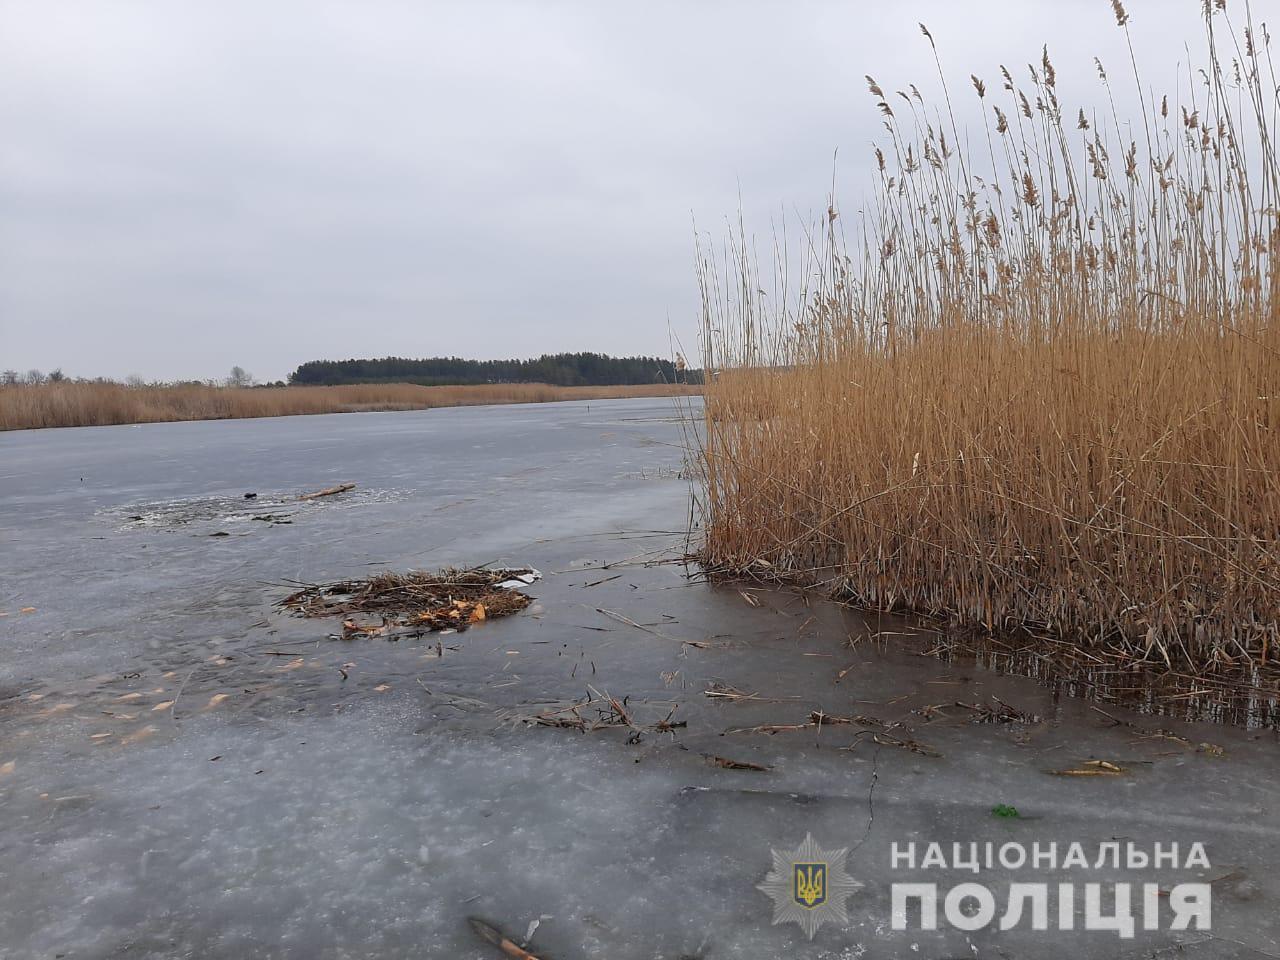 Місце на річці, де потонув школяр із Харківщини